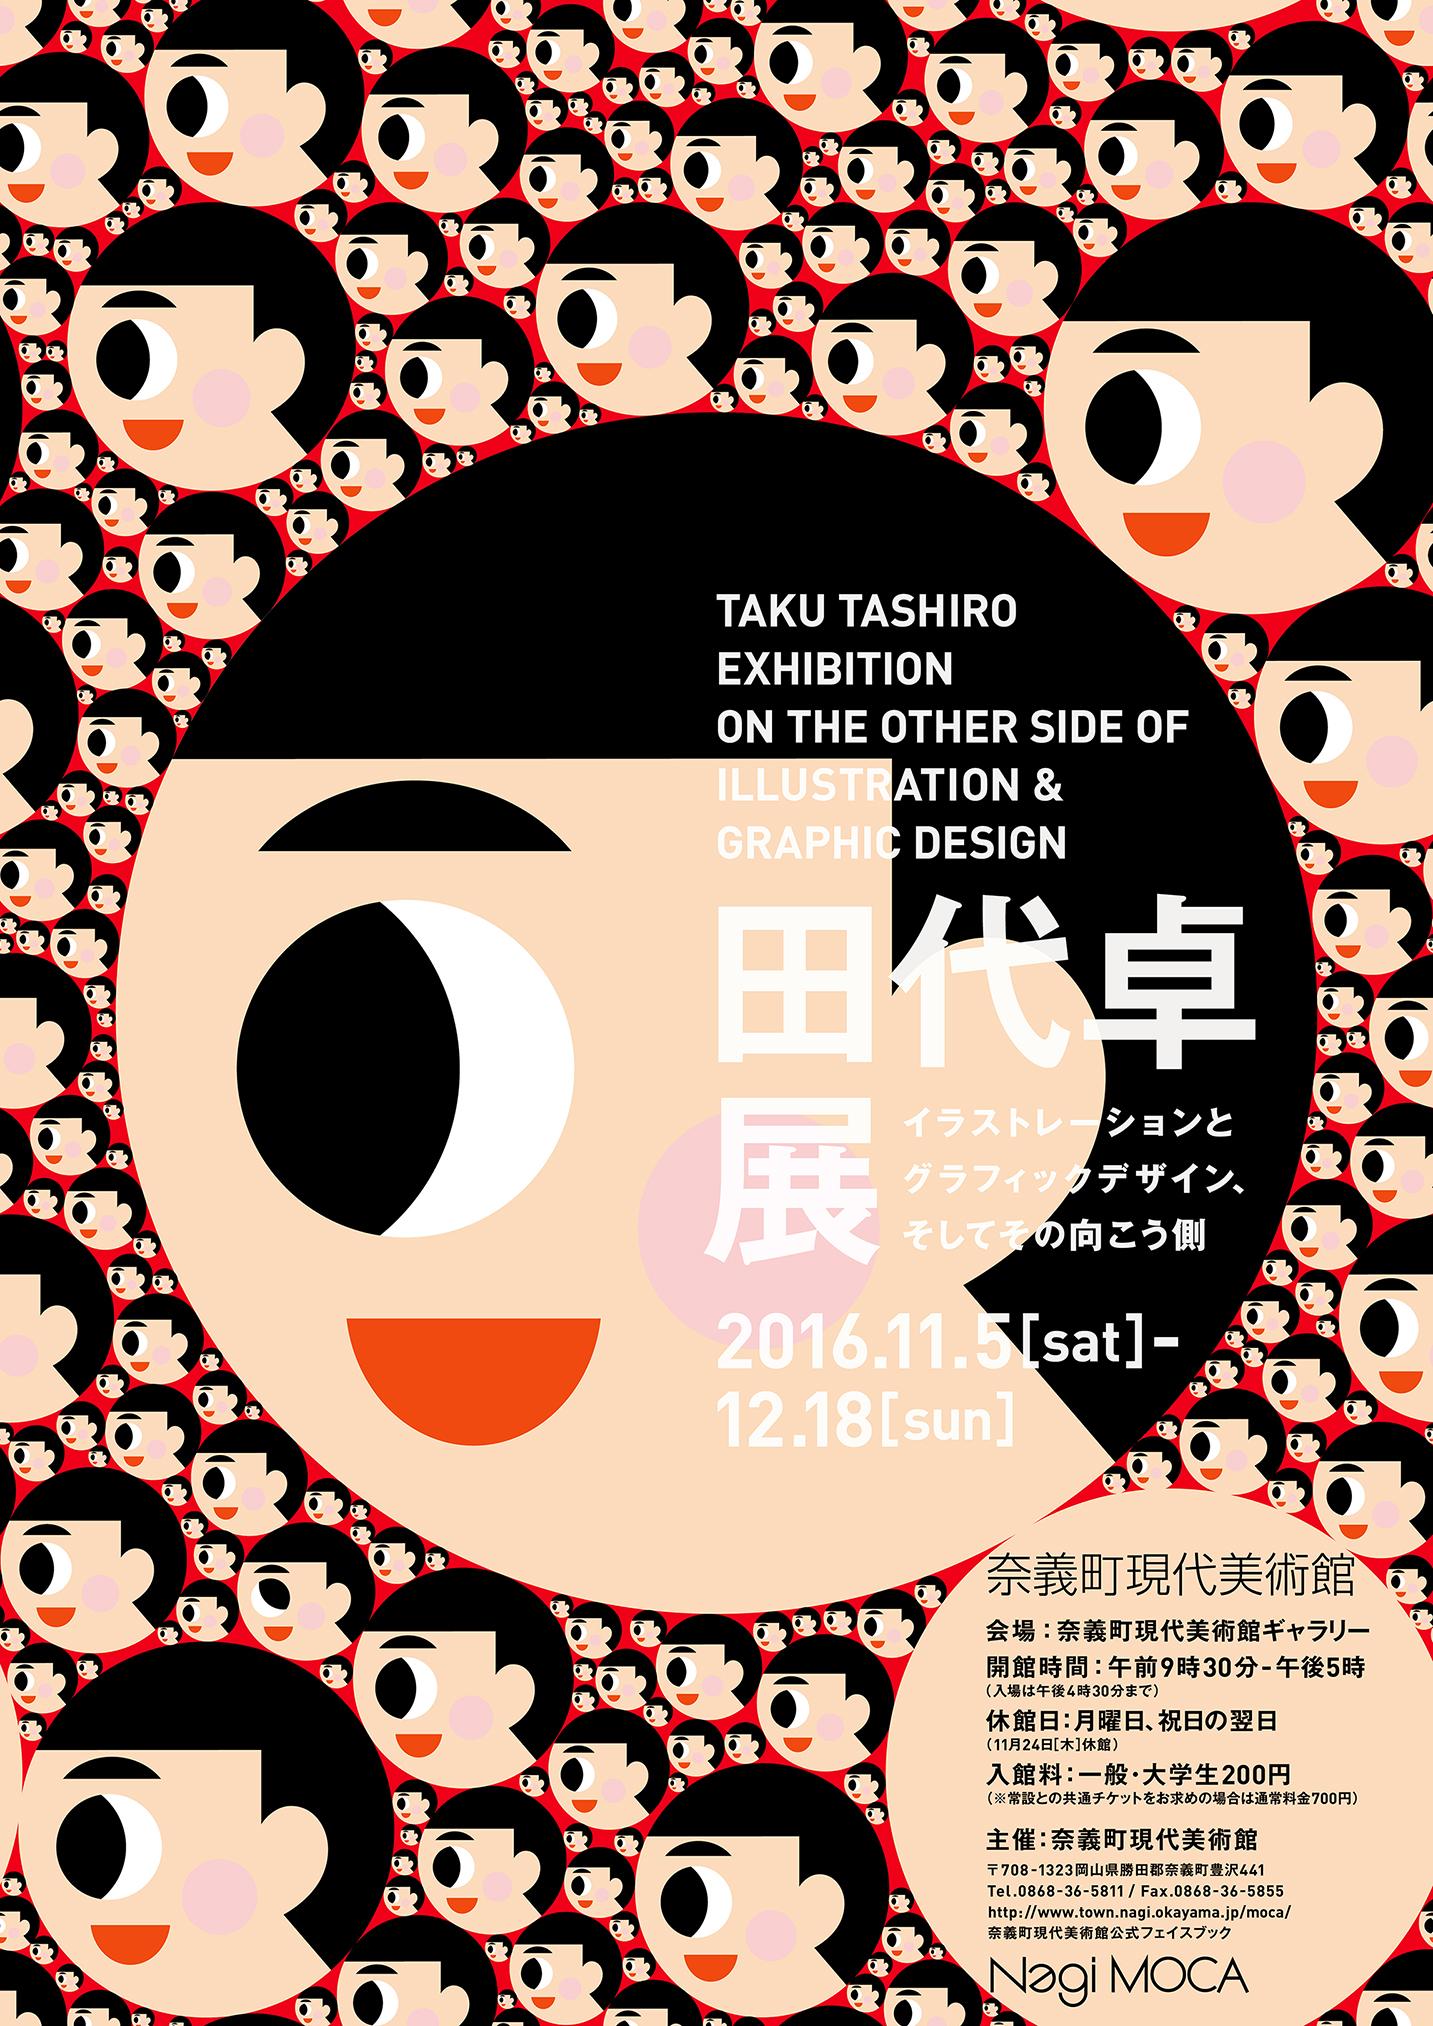 Taku Tashiro Exhibition